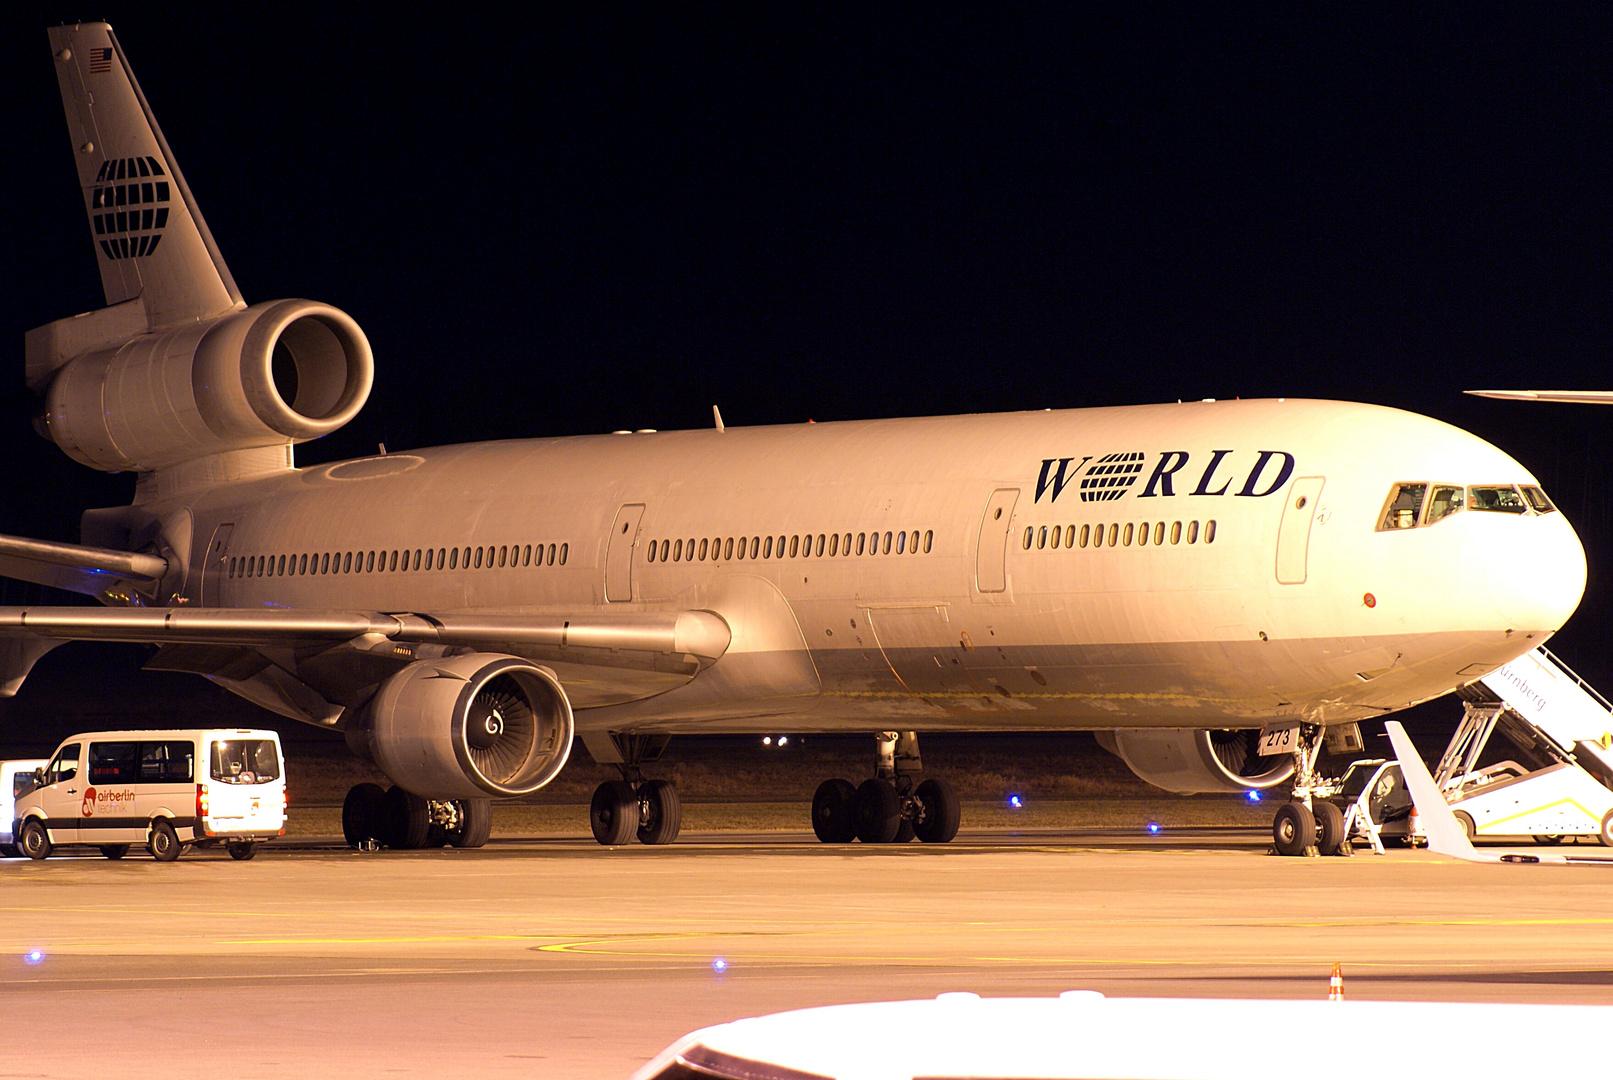 World Airways MD-11...